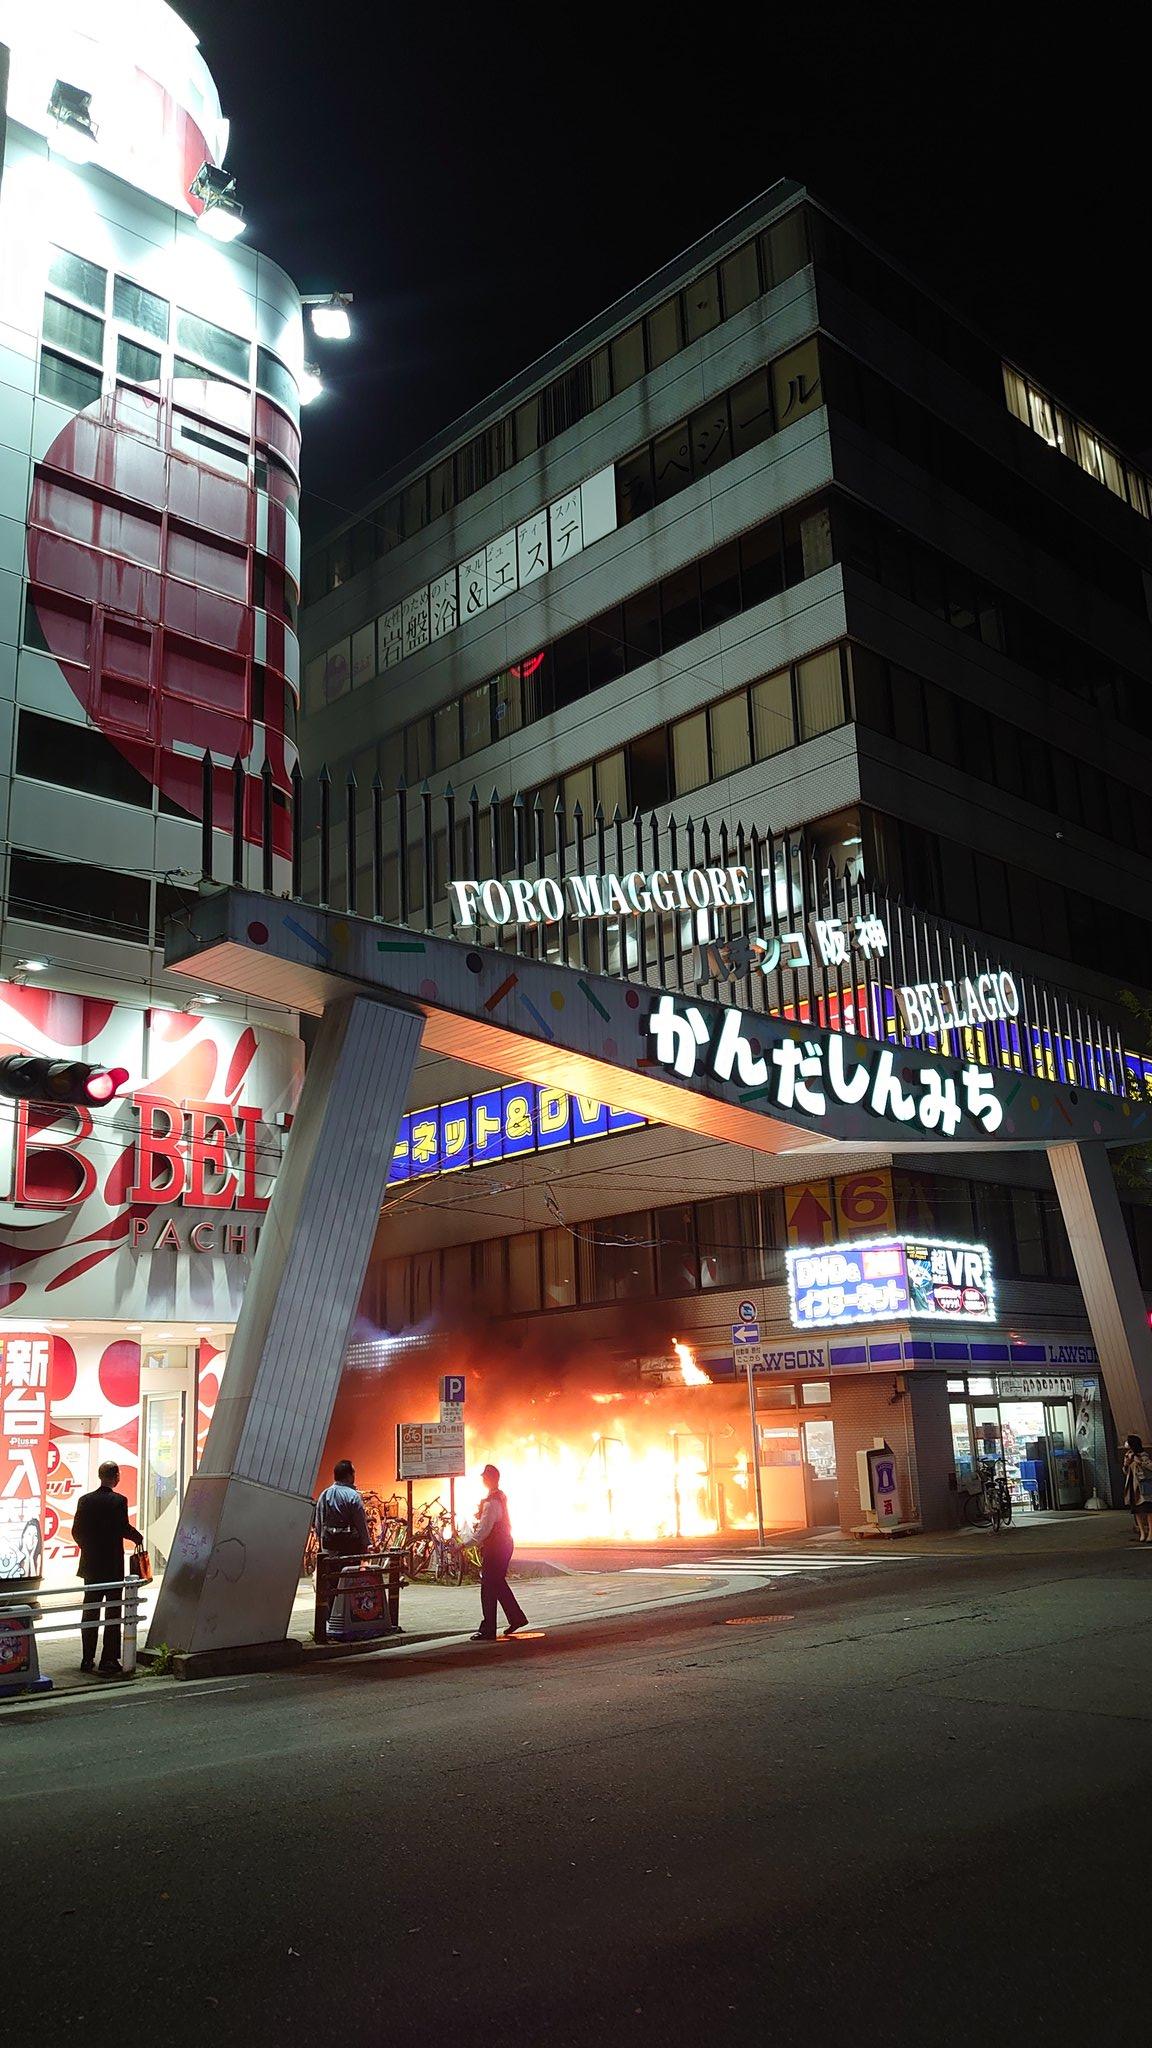 ローソン阪神尼崎駅北店で火事が起きた当時の画像